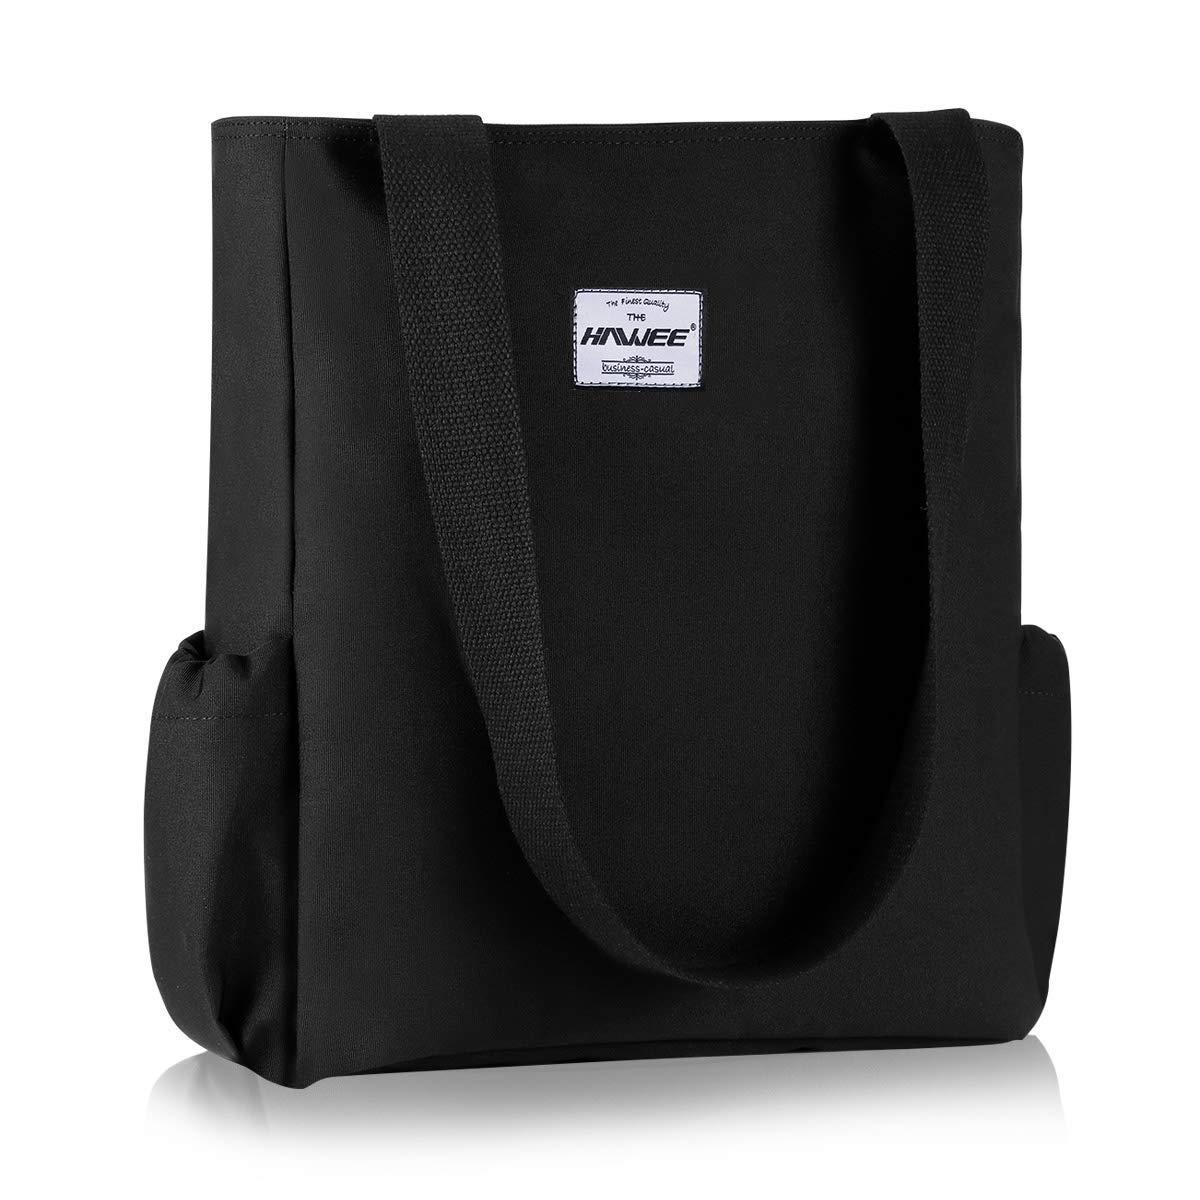 HAWEE mode dam handväska med dragkedja casual kvinnor axelväska stor shoppingväska vattentät väska för resor arbete skola vardagsliv gym strand Svart